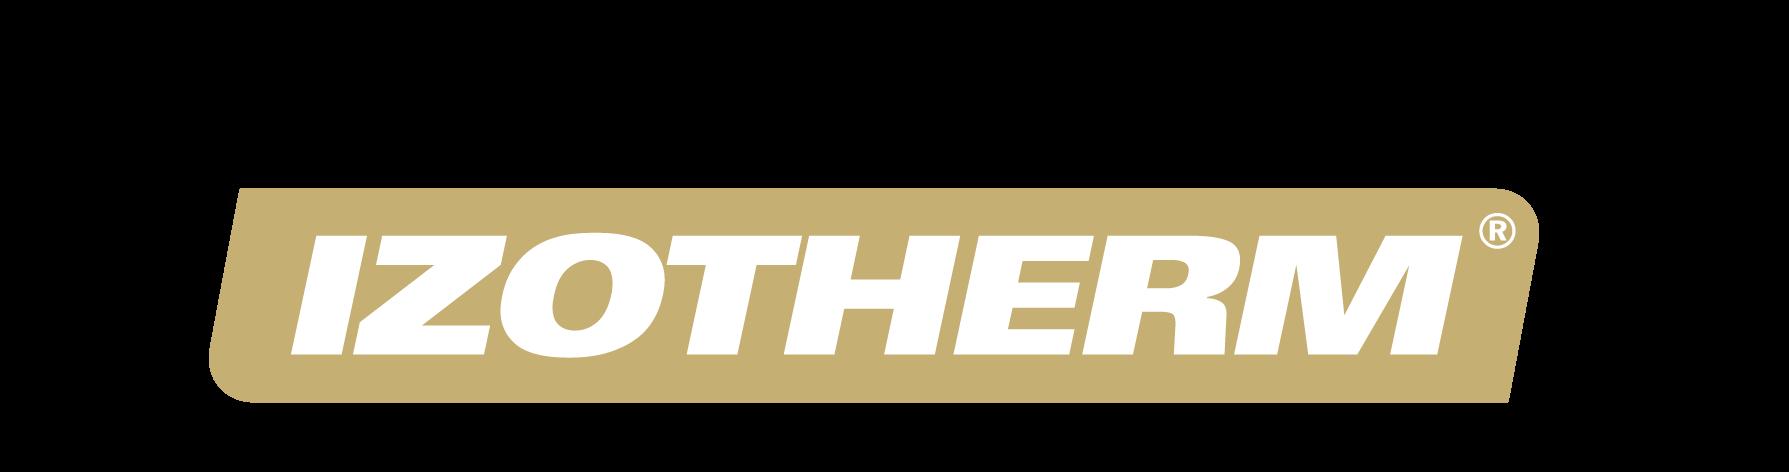 IZOTHERM